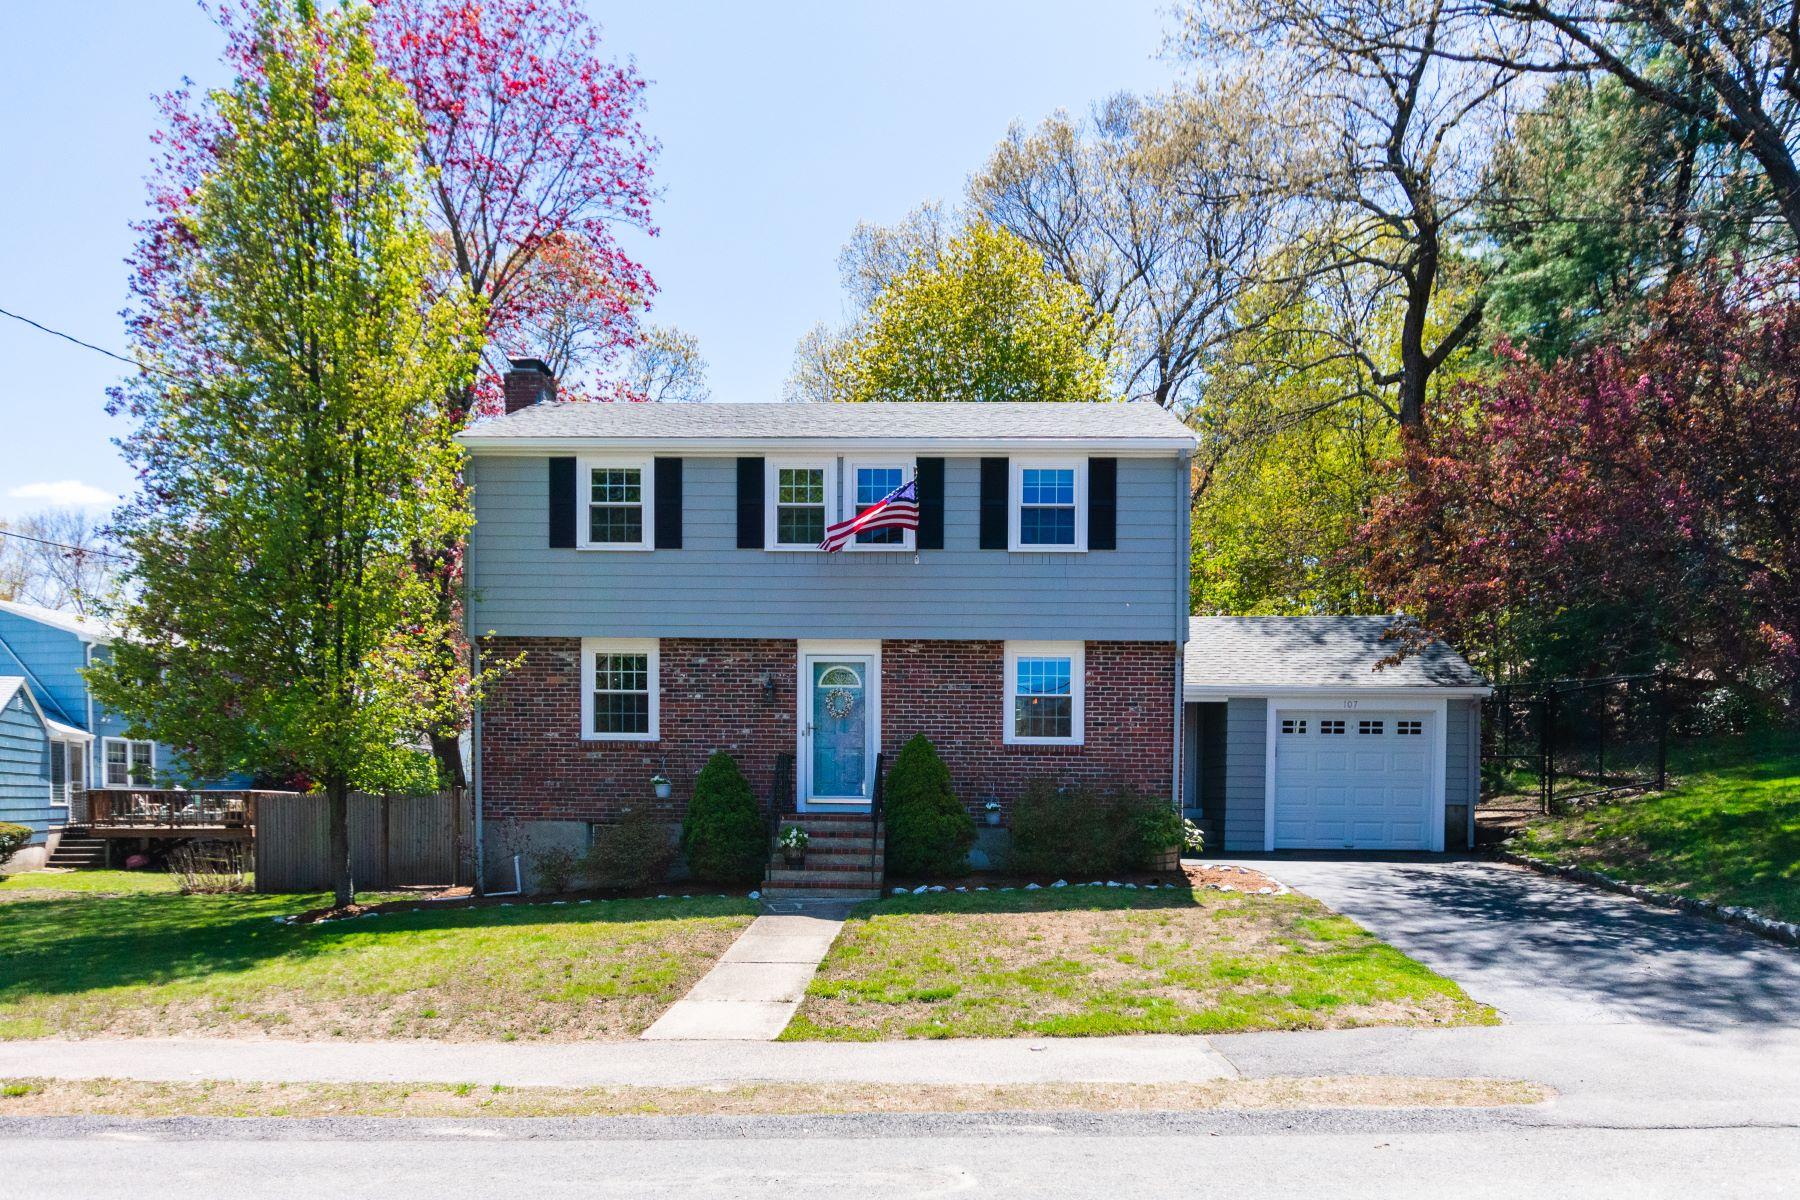 107 Colwell Dr  Dedham, Massachusetts 02026 Hoa Kỳ